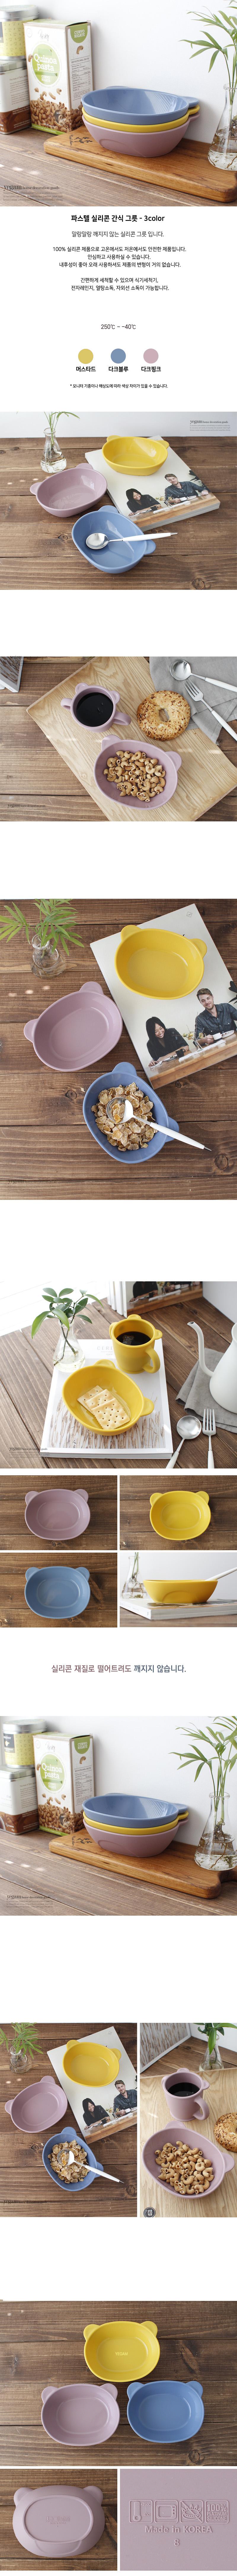 파스텔 실리콘 간식그릇- 3color - 체리하우스, 7,400원, 샐러드볼/다용도볼, 다용도볼